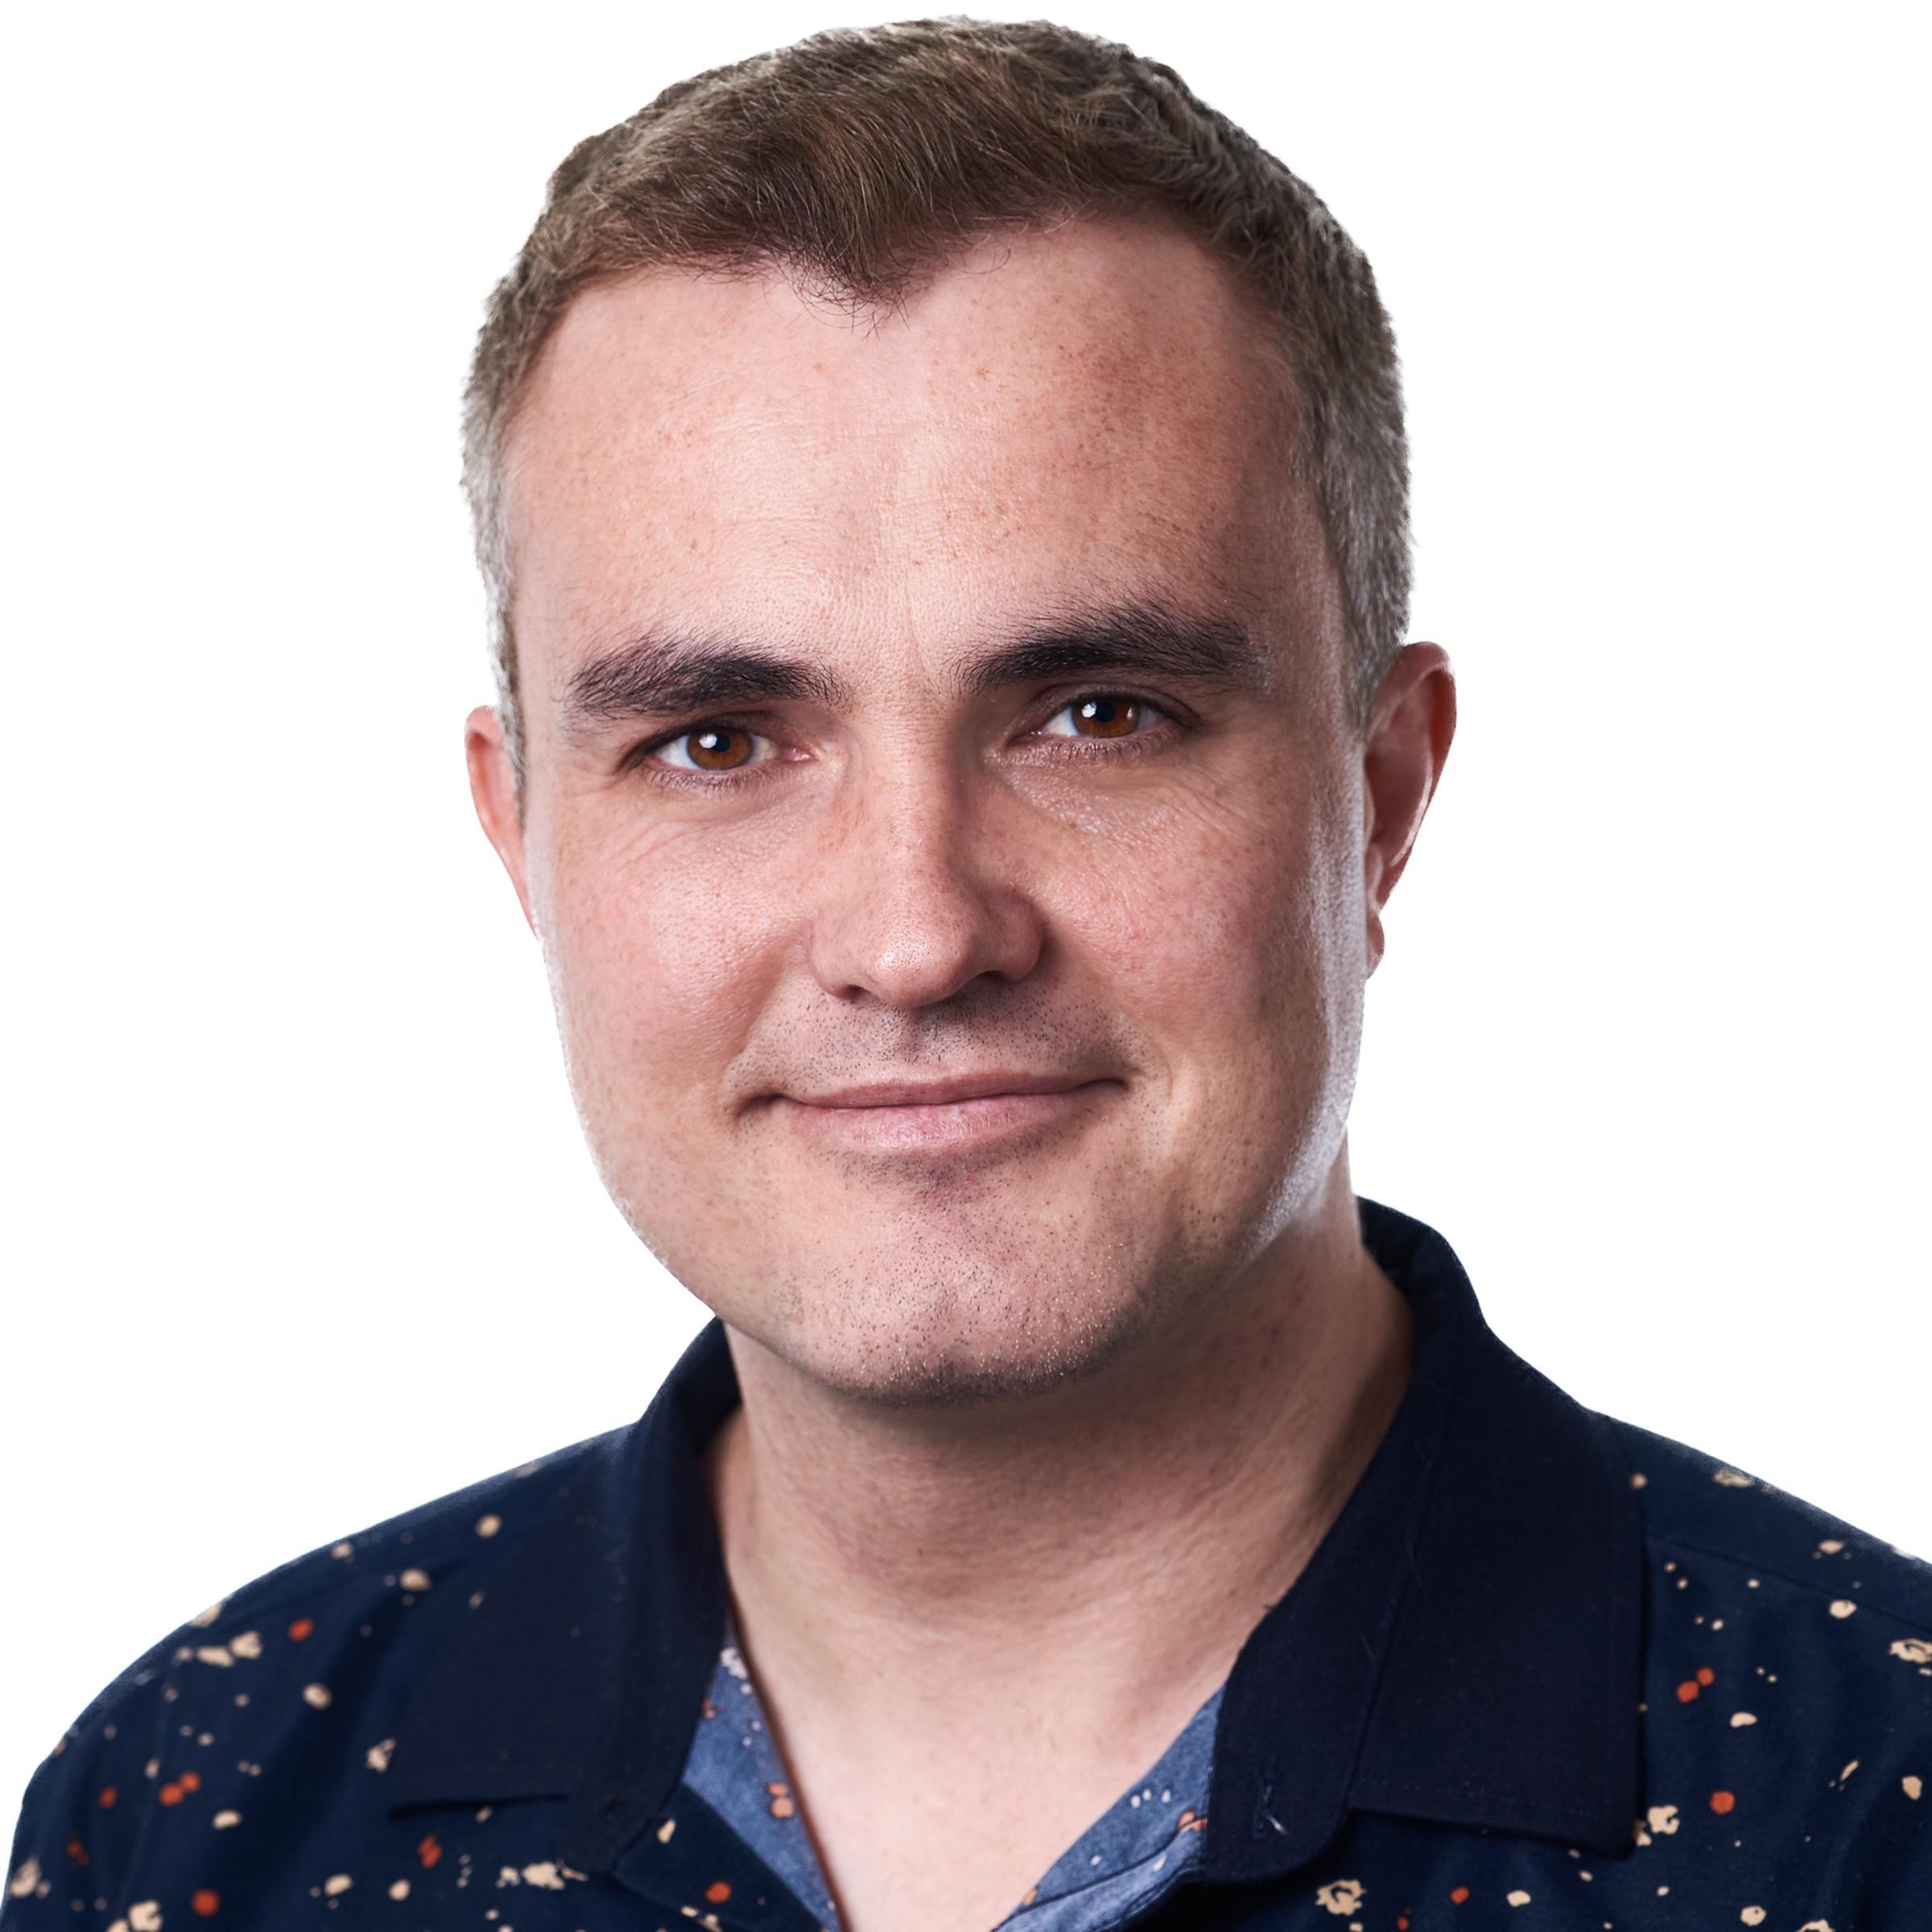 Julian Sheridan